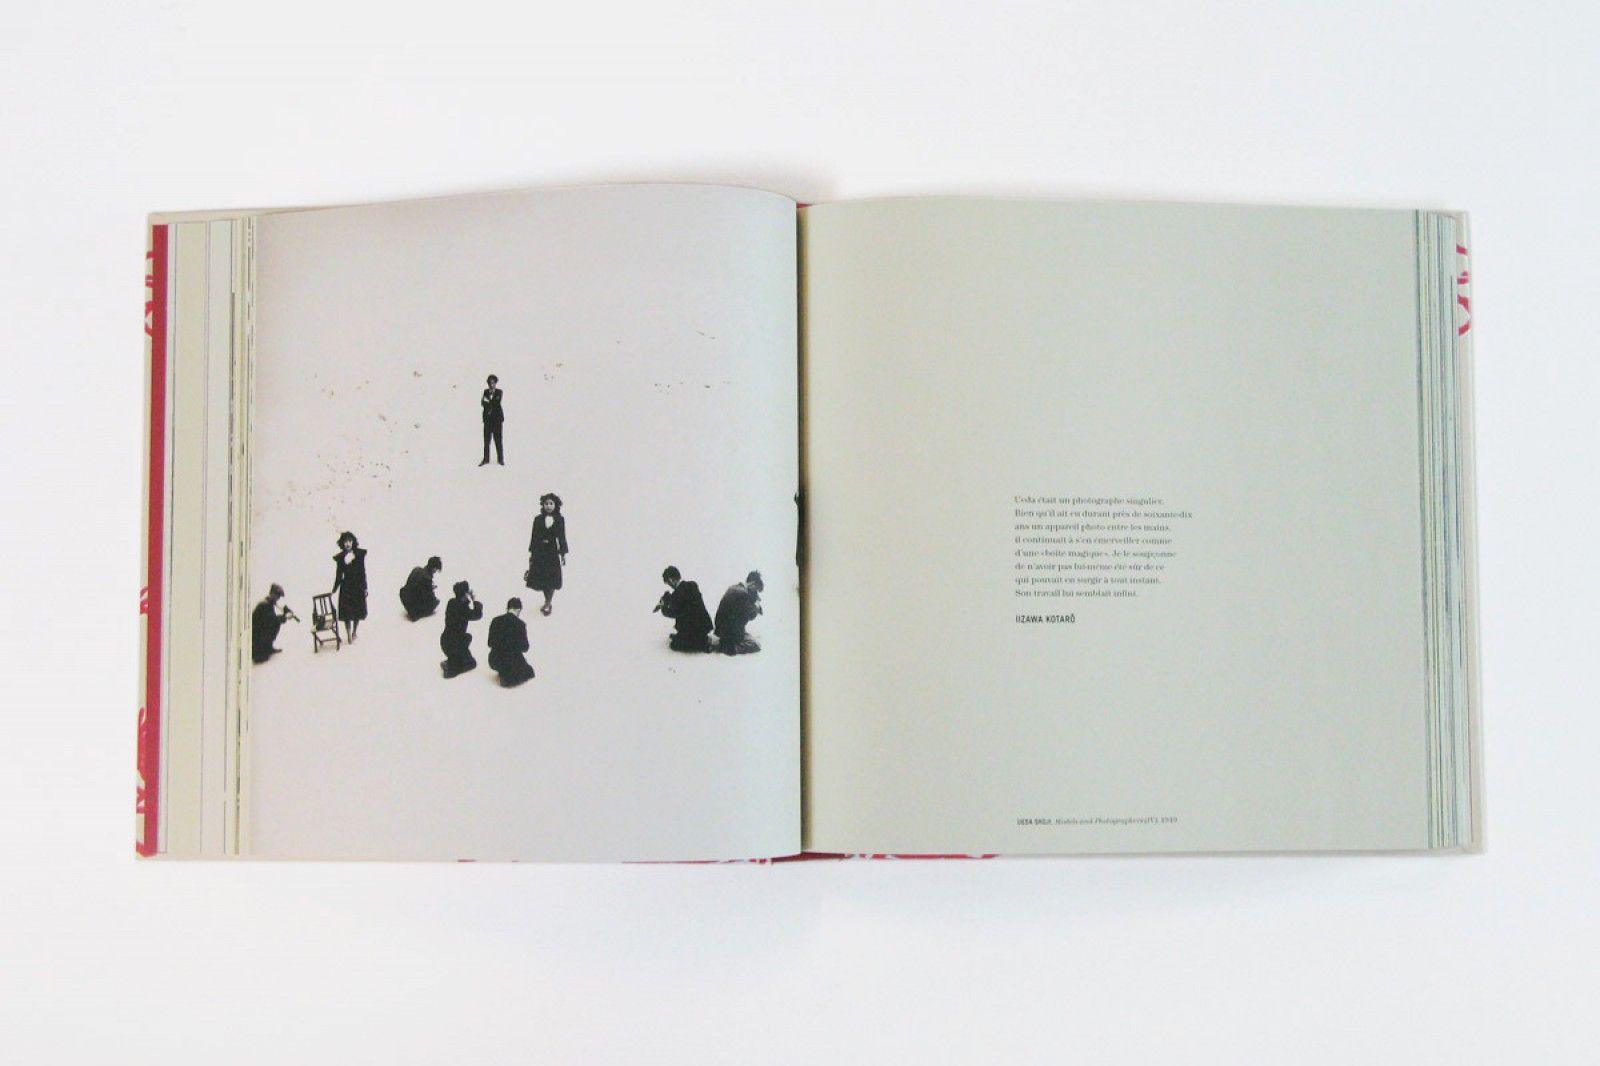 Une saison au Japon DESIGNERS Jean-Luc Lemaire, David Longuein (L775) DESIGNERS Jean-Luc Lemaire, David Longuein (L775) PUBLISHER Éditions de La Martinière.